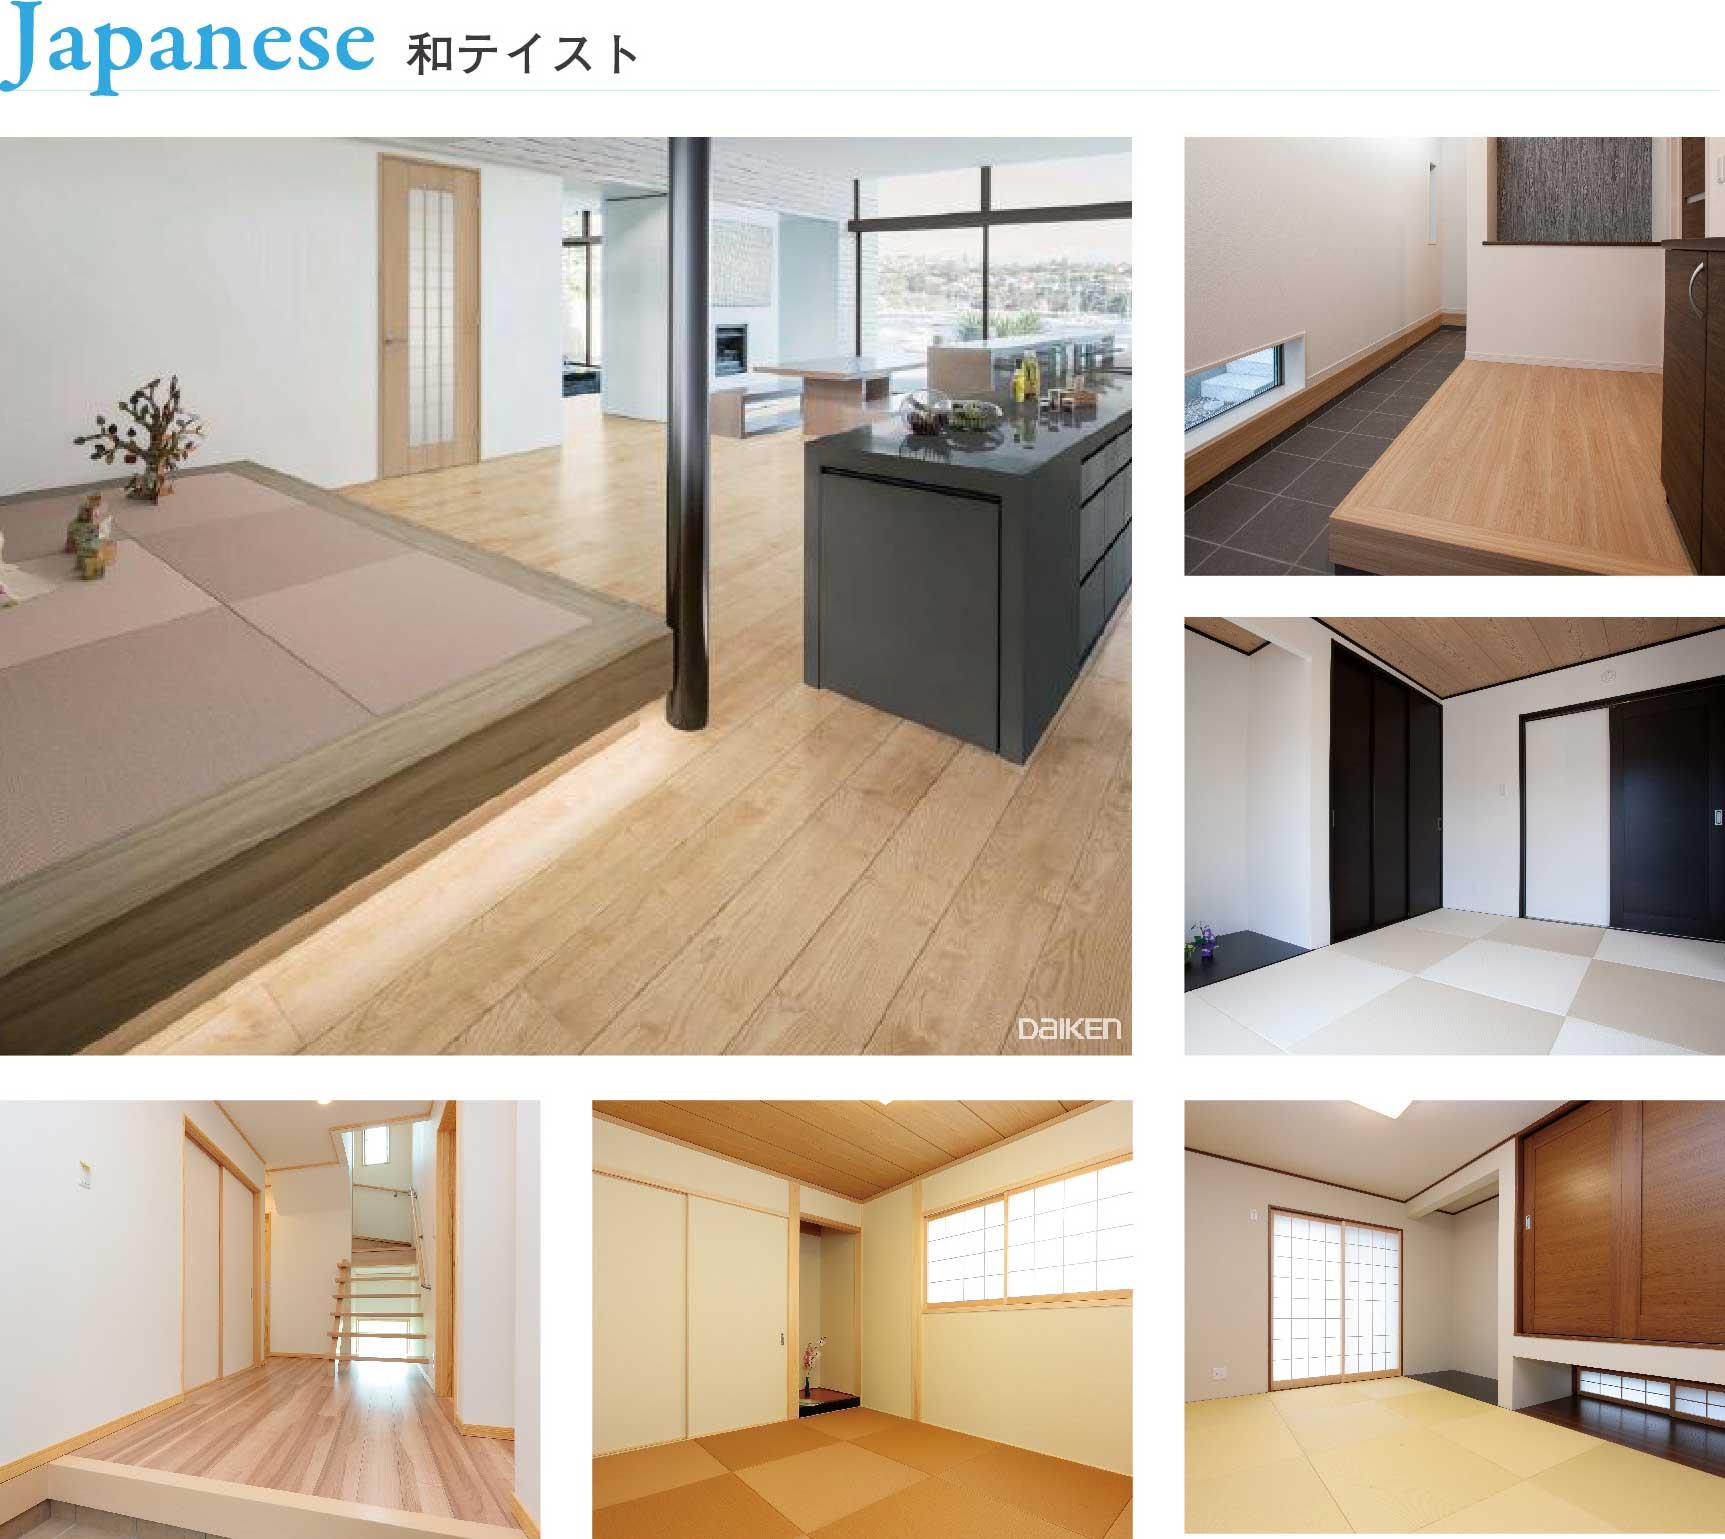 注文住宅の施工写真例「和テイスト Japanese」